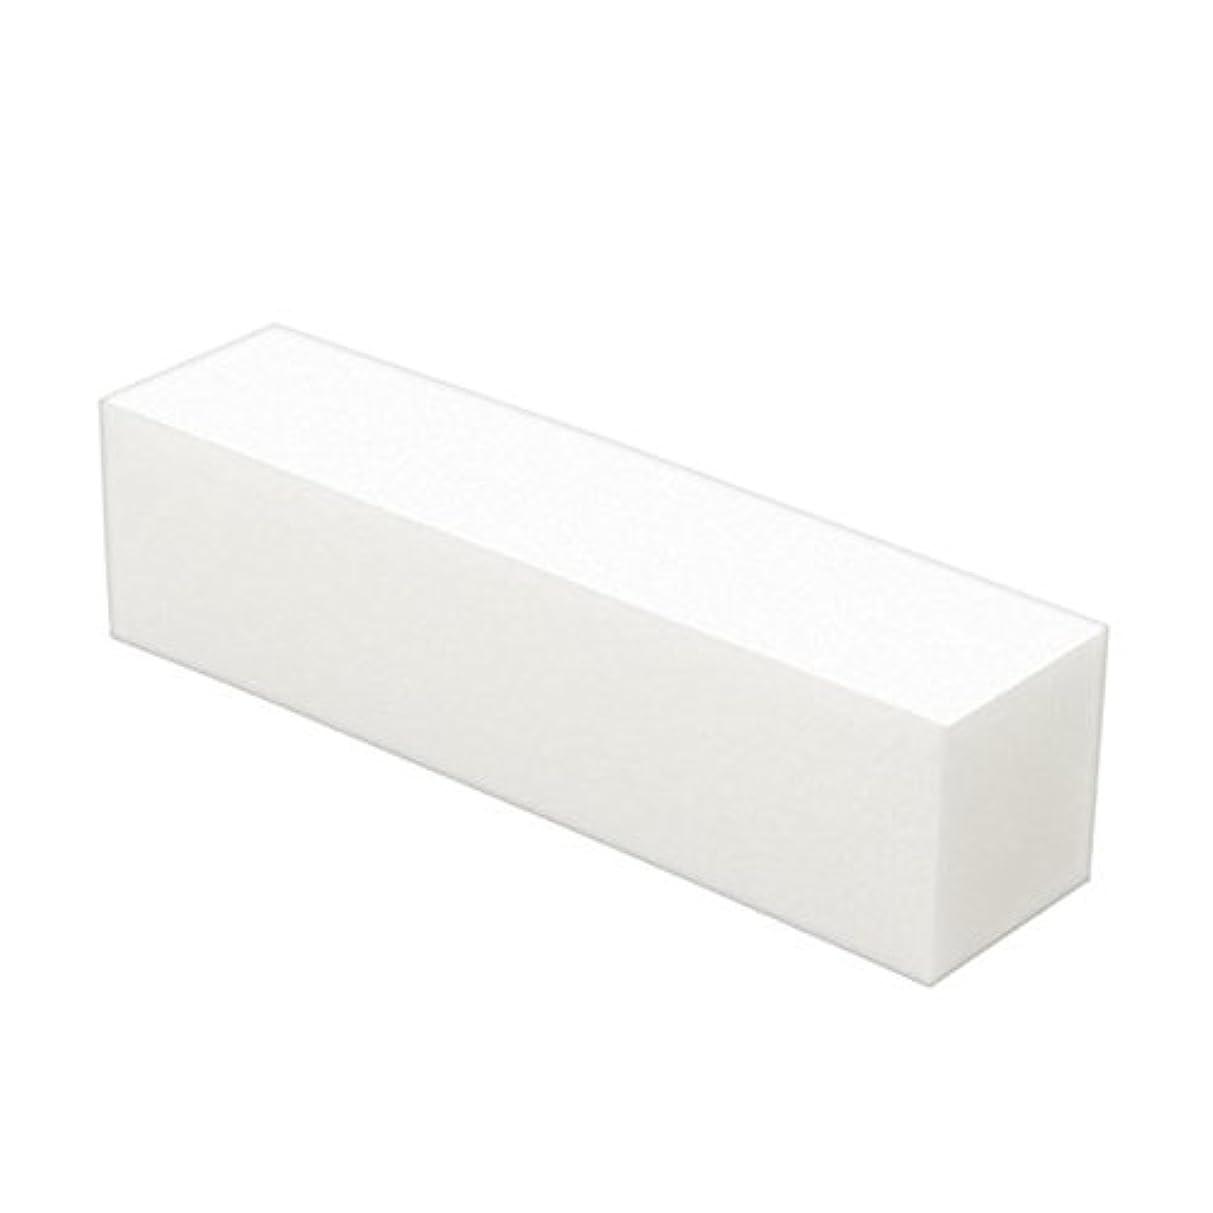 Poonikuuネイル用ファイル ネイル爪やすり 爪磨き ケアツール ネイルやすり 小型便利 5本セット ホワイト